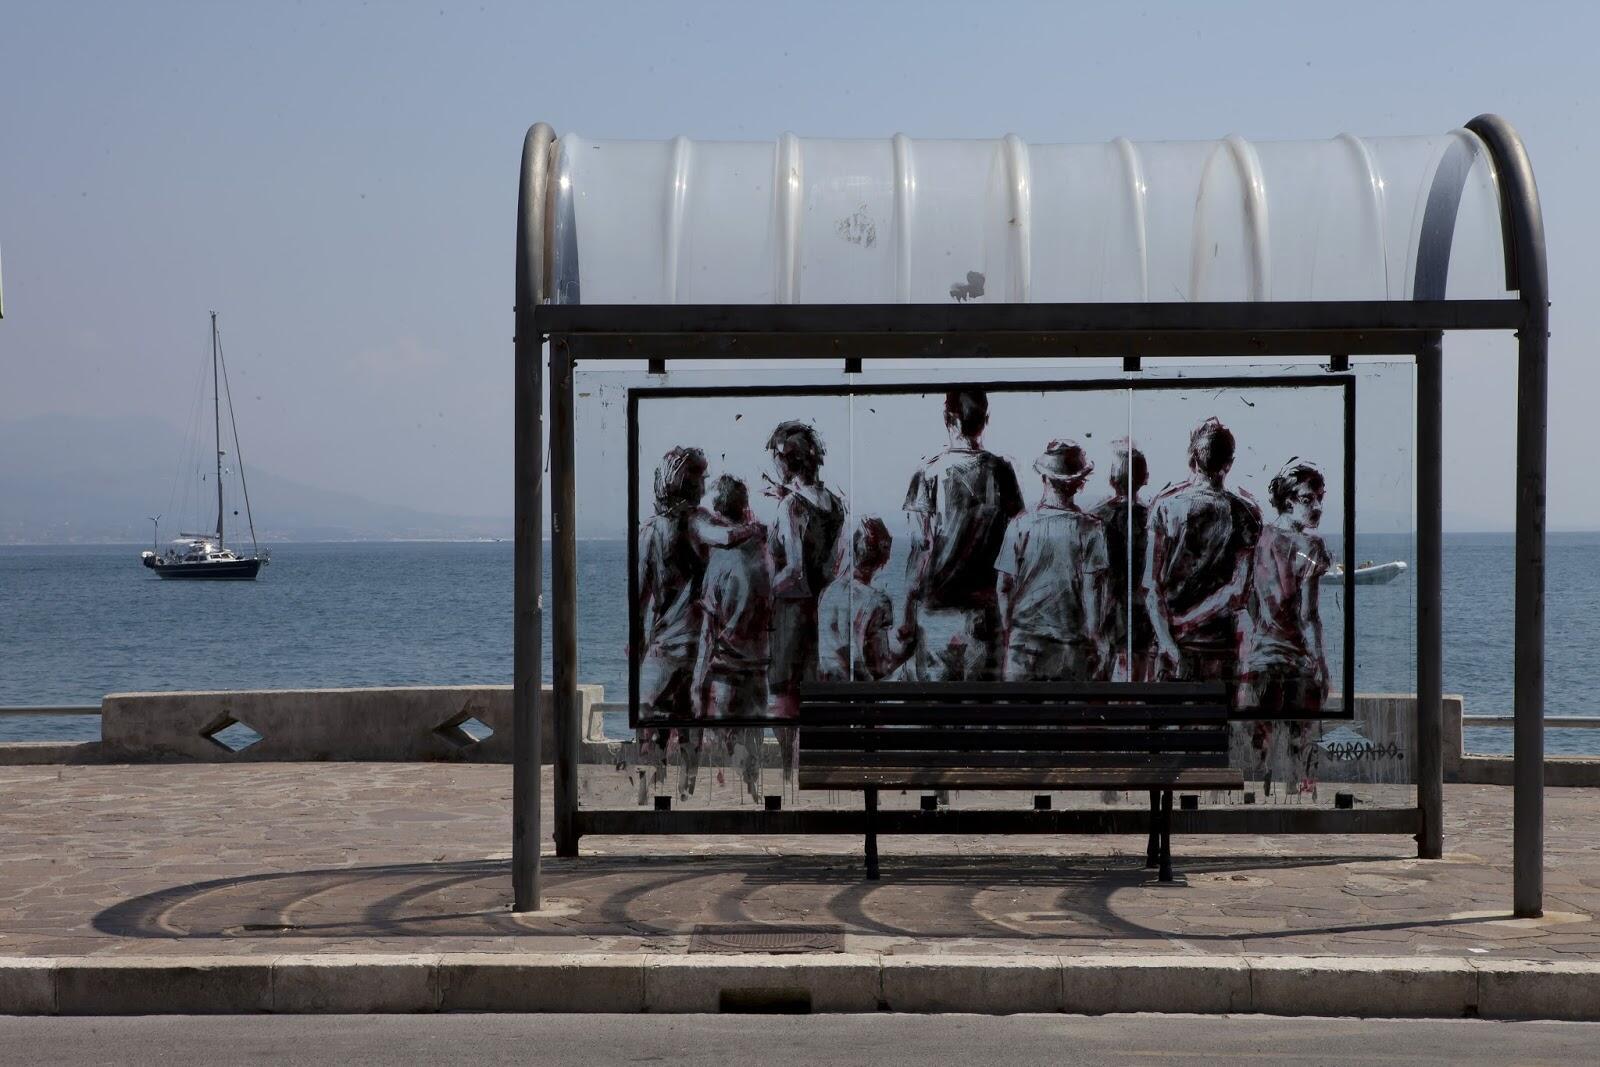 İspanyol sokak sanatçısı Borondo'nun çeşitli ülkelerden işleri bugün Web Galeri'de.  http://t.co/riDeOZUB4O http://t.co/3Gp482HnPa